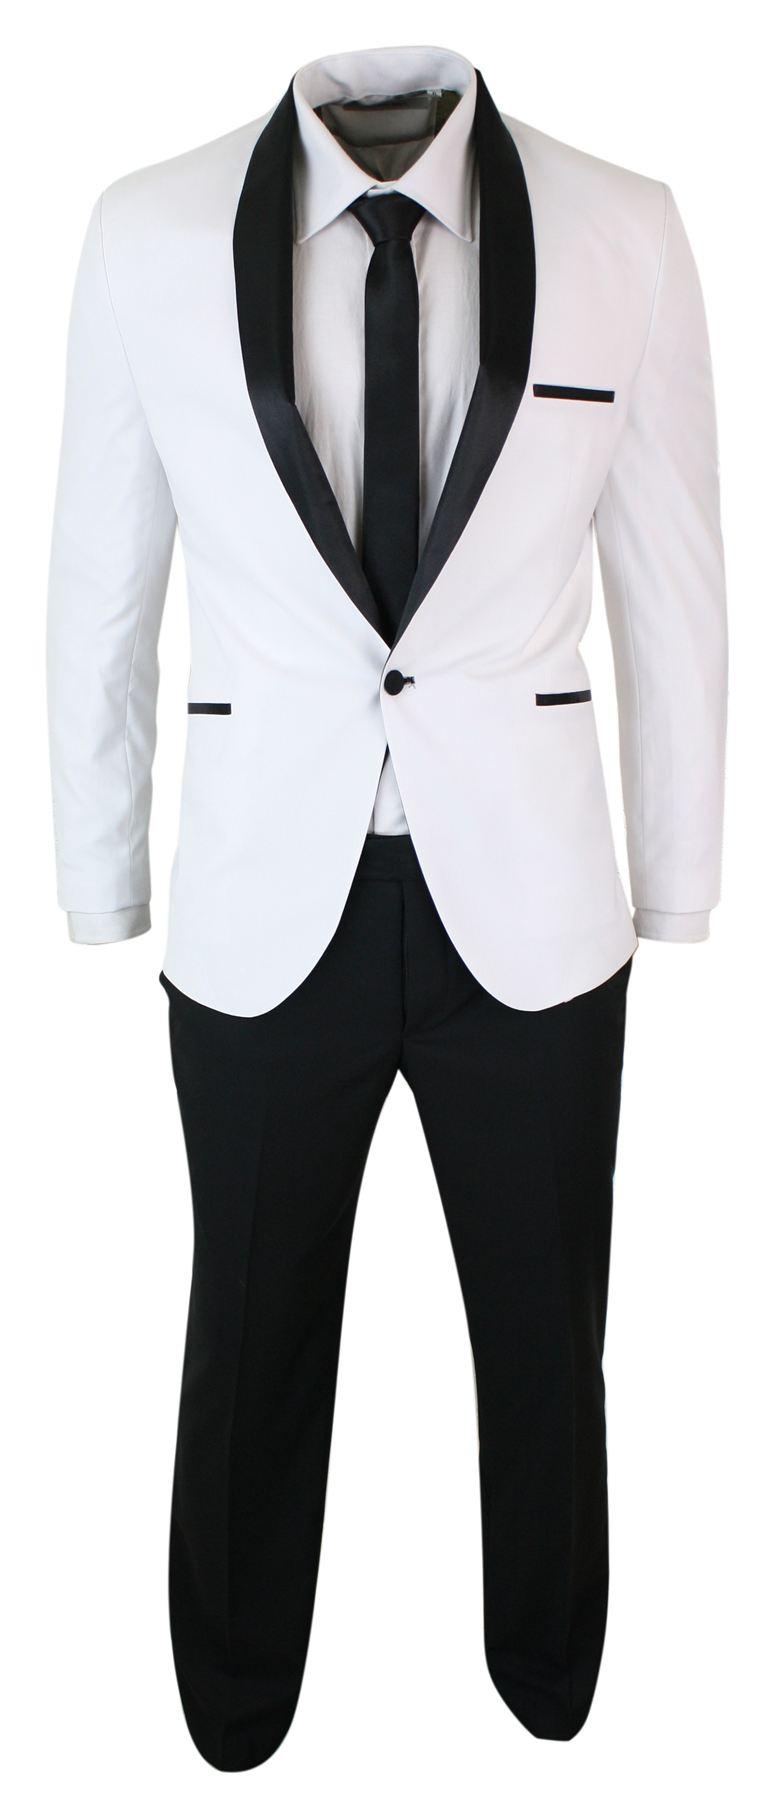 Smoking homme blanc noir col châle costume habillé coupe ajustée ... d0c197bb7d9